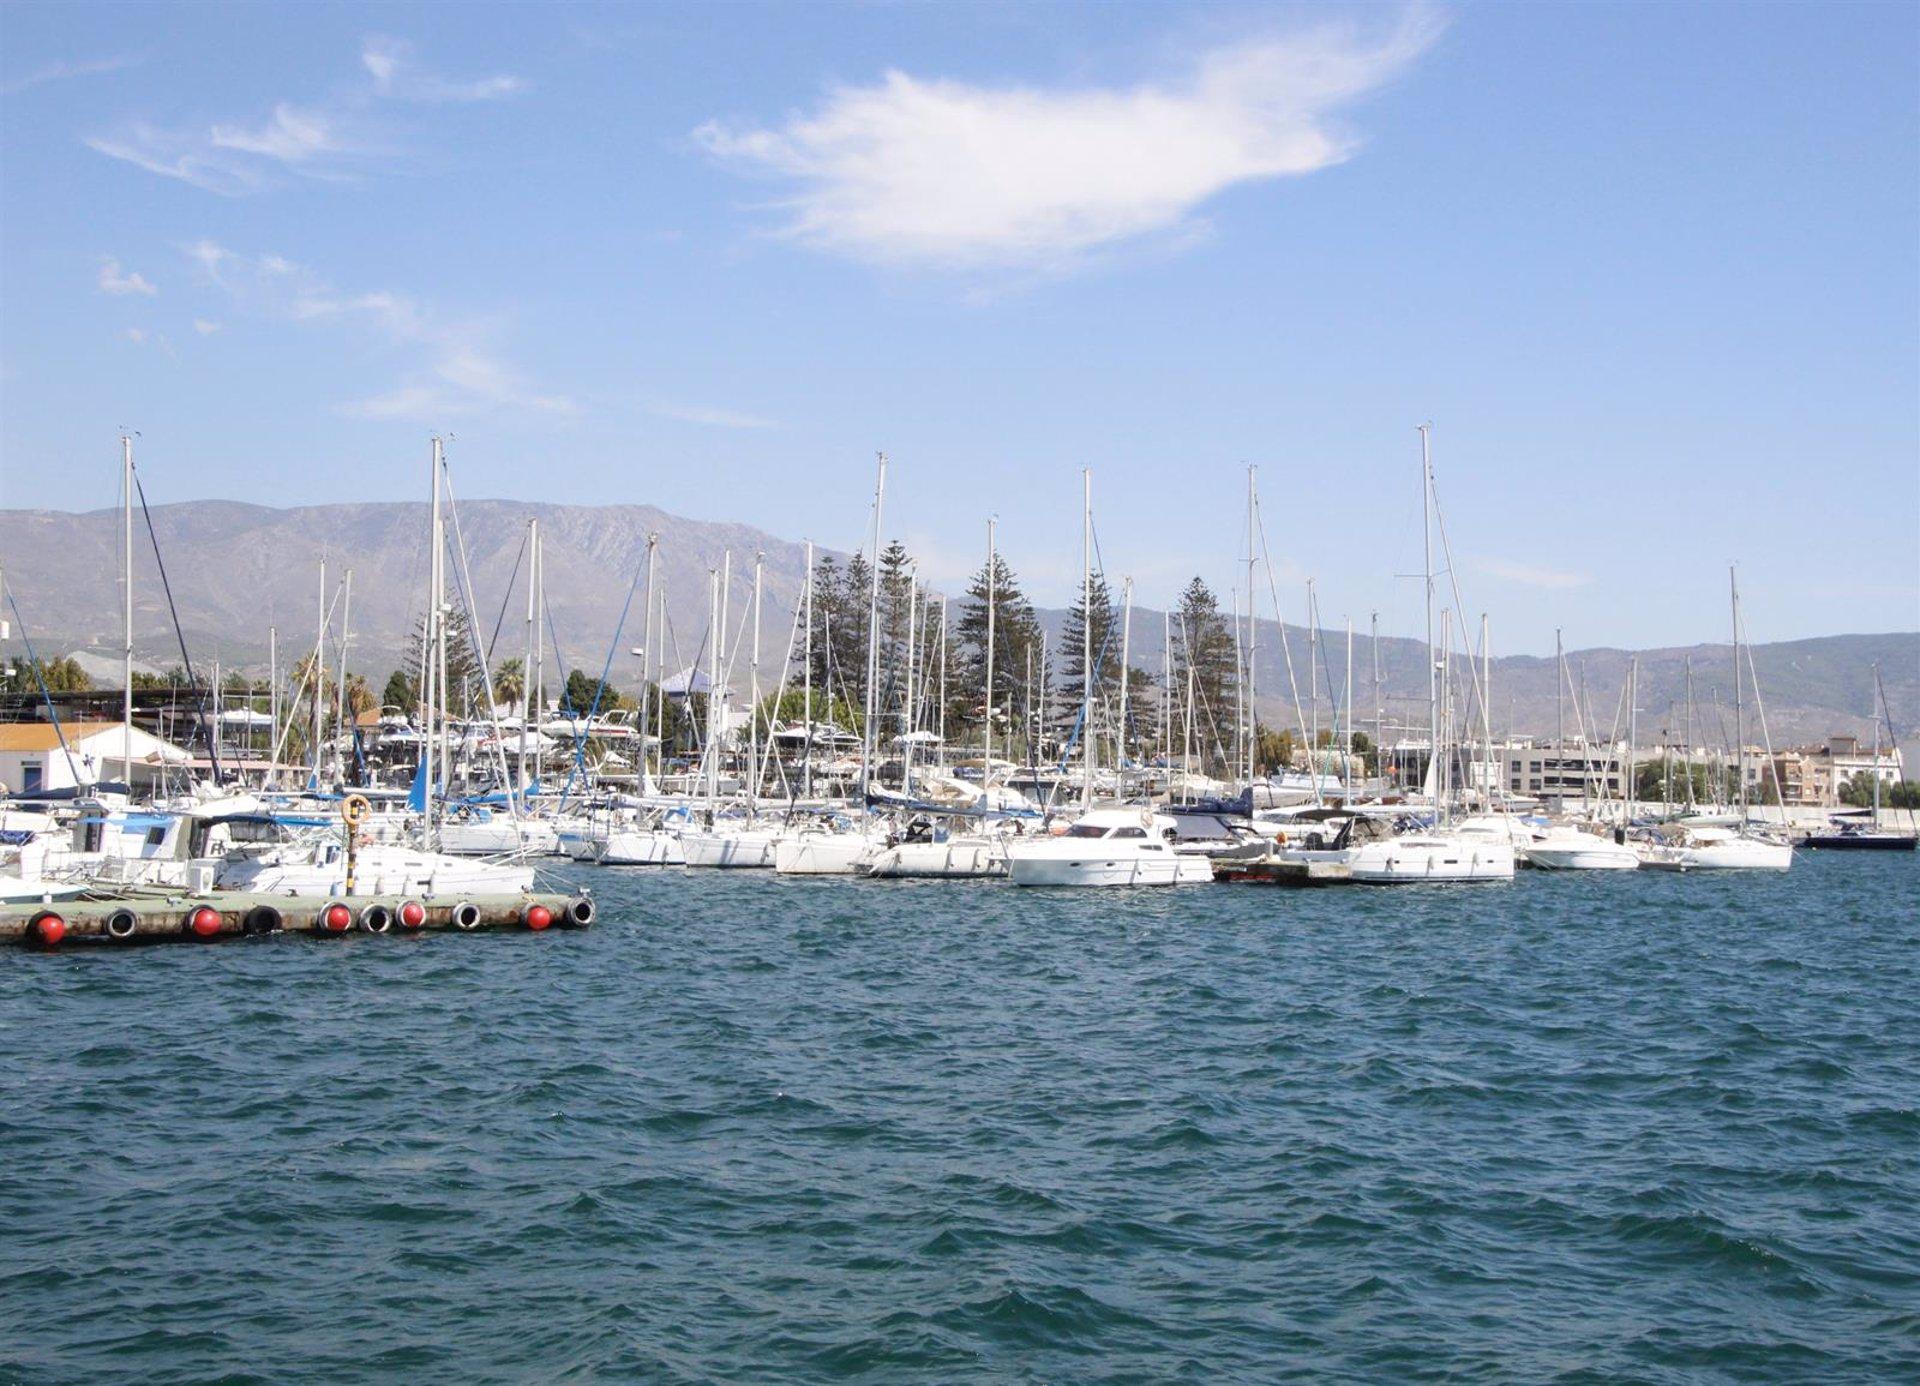 El Puerto de Motril amplía la zona náutico-deportiva con 50 nuevos atraques